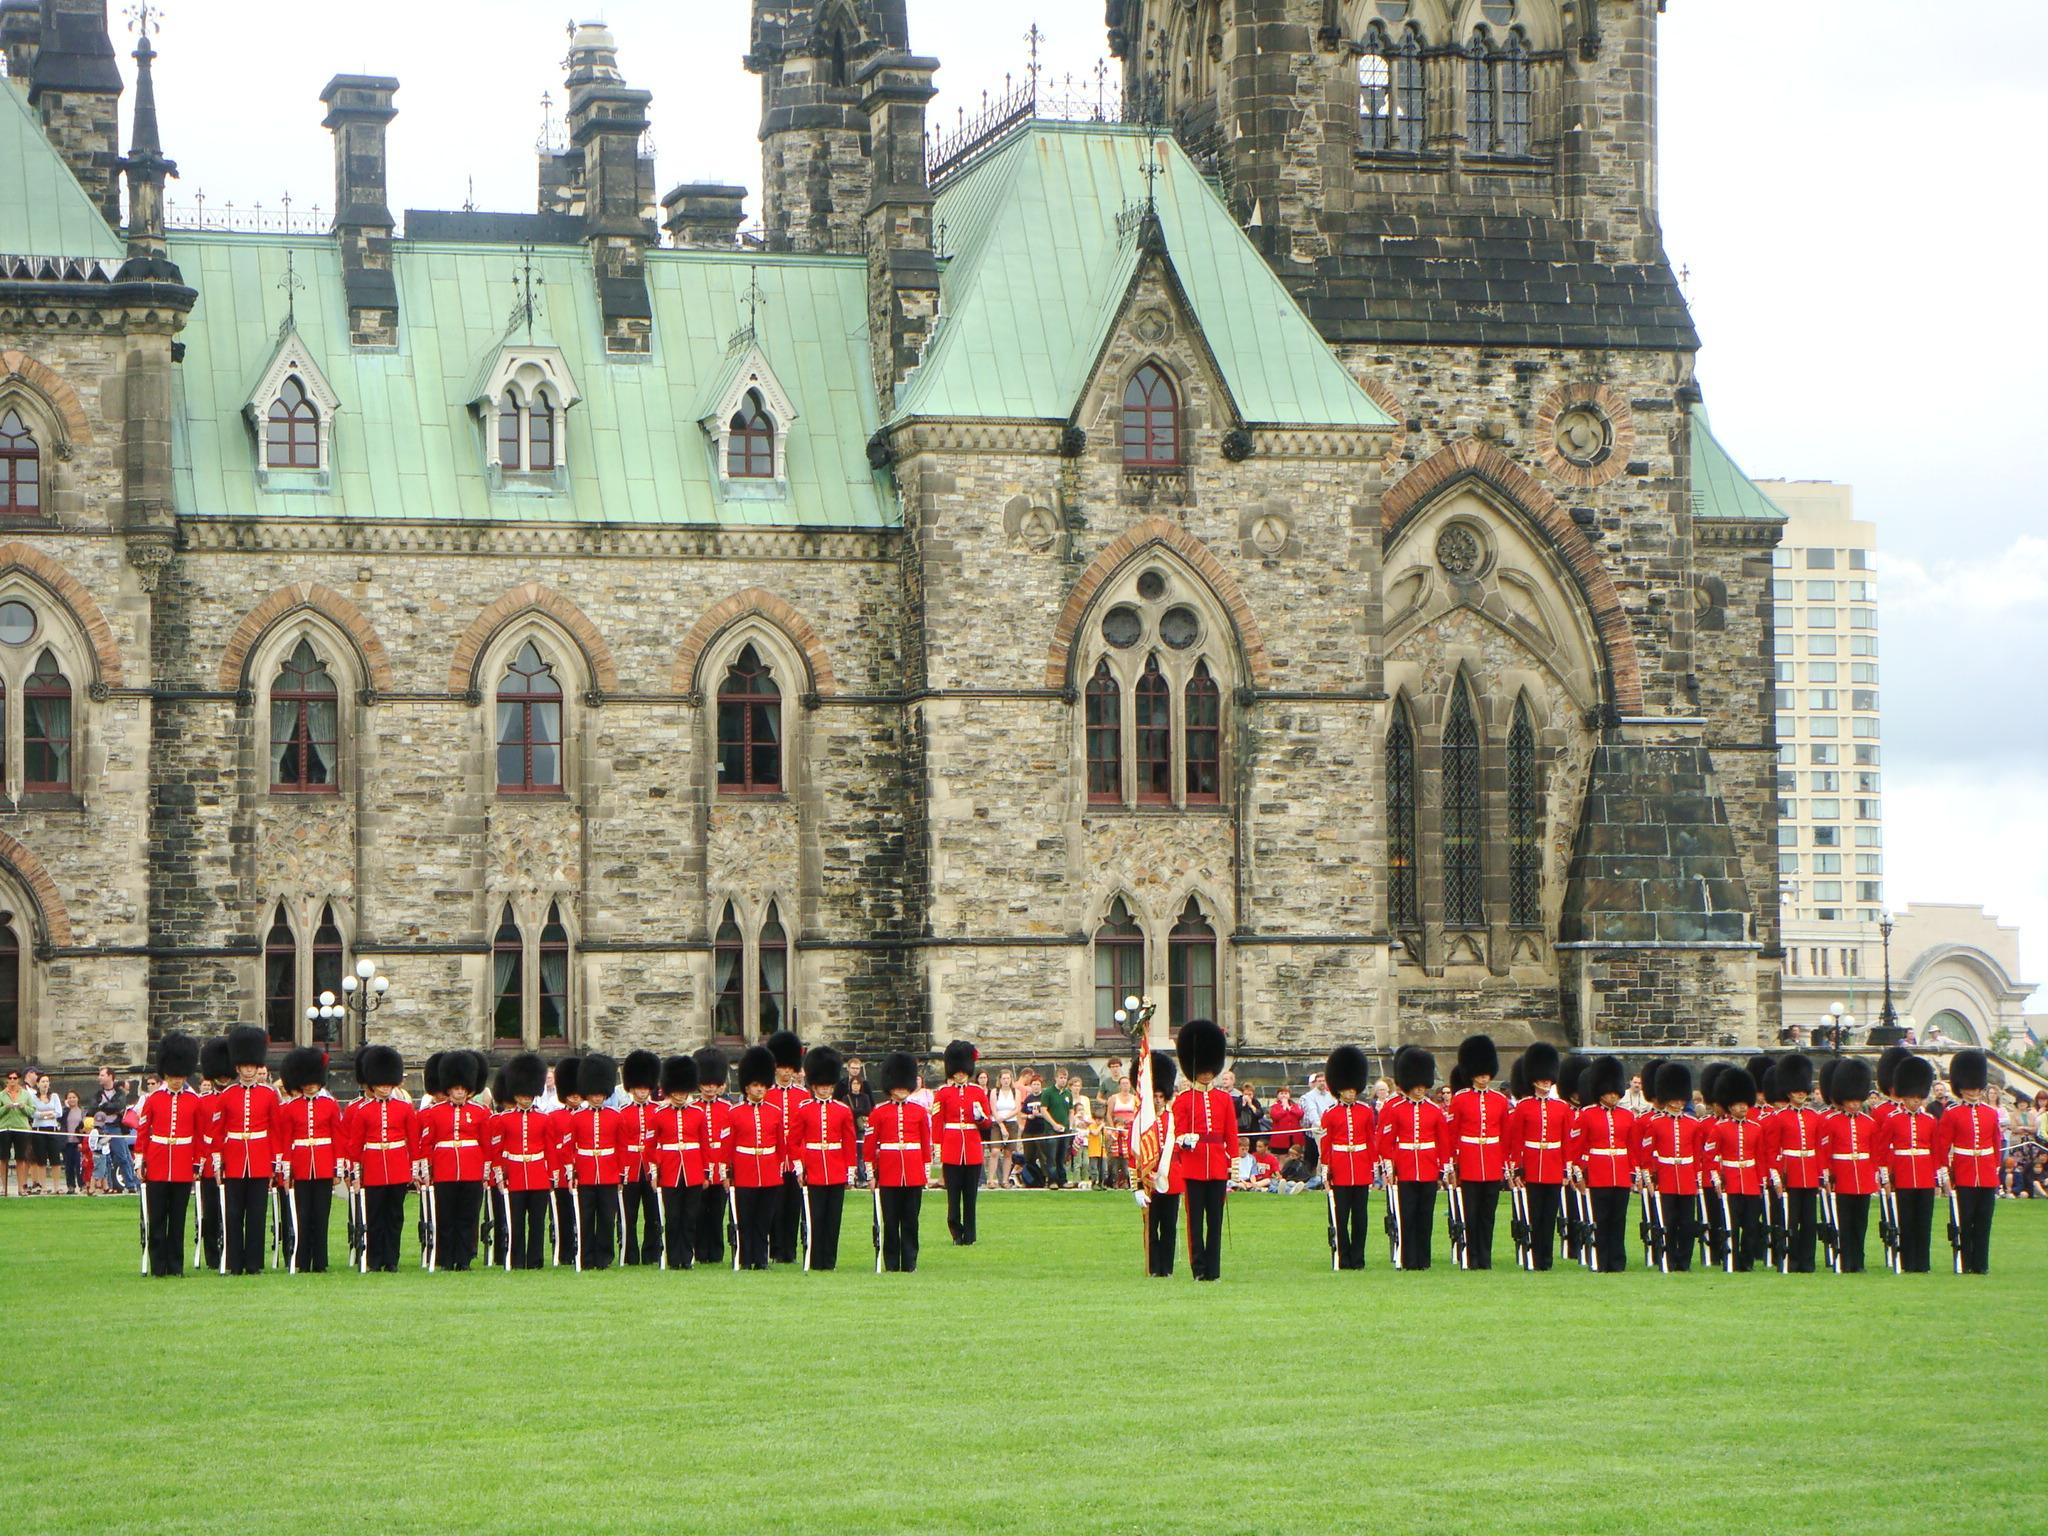 Ottawa, cambio de guardia colina del Parlamento-canada clasico especial con niagara